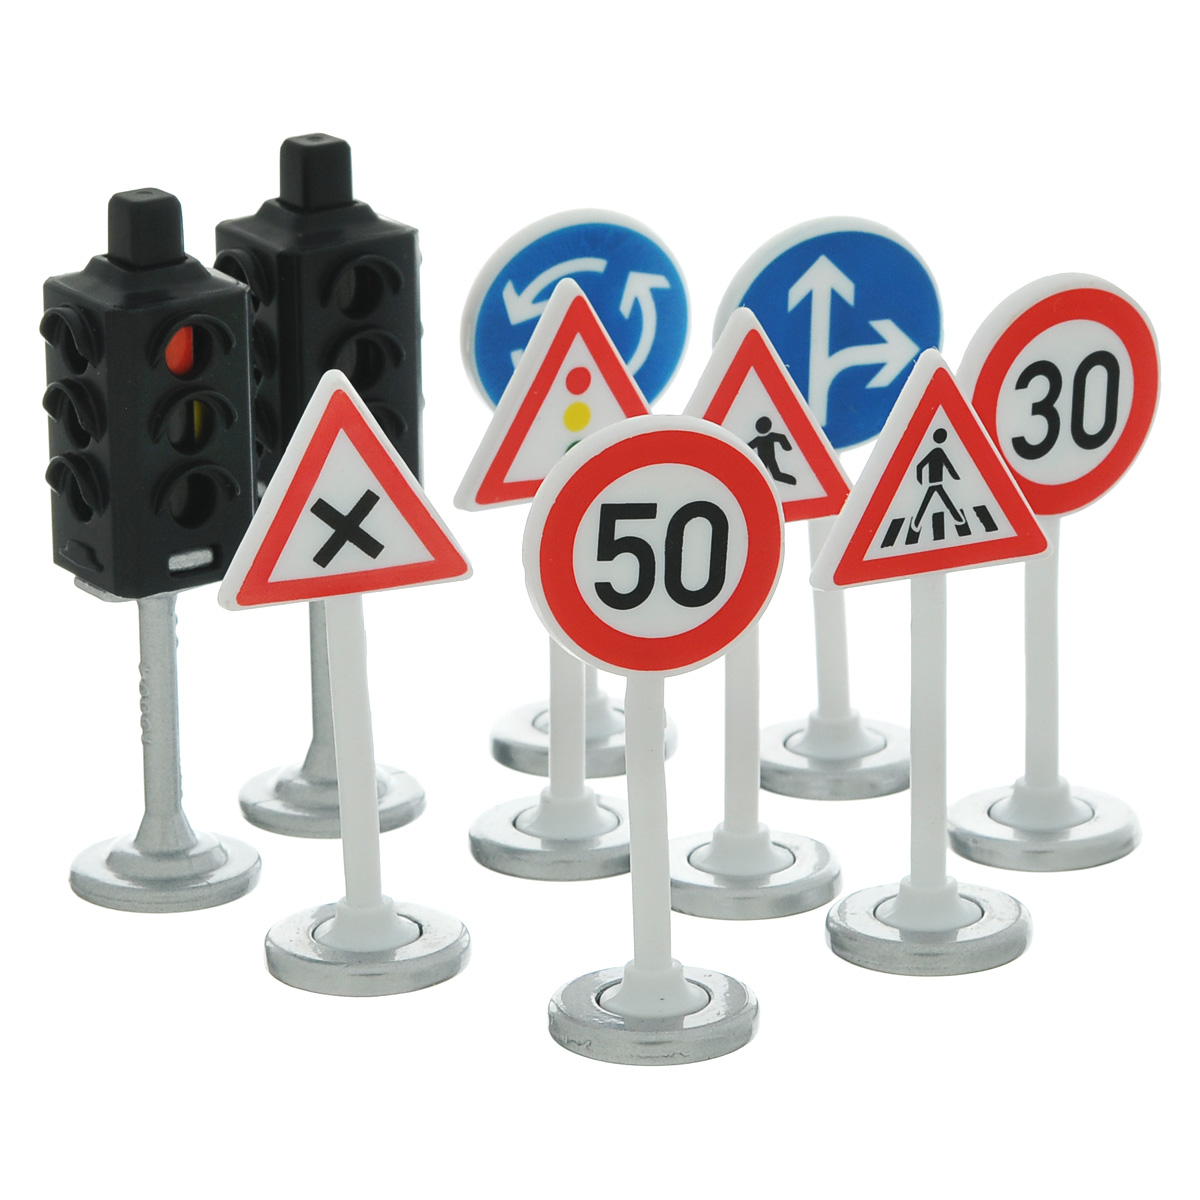 Siku Игровой набор Светофоры и дорожные знаки игрушка siku ауди r8 8 0 3 7 2 4см 1430